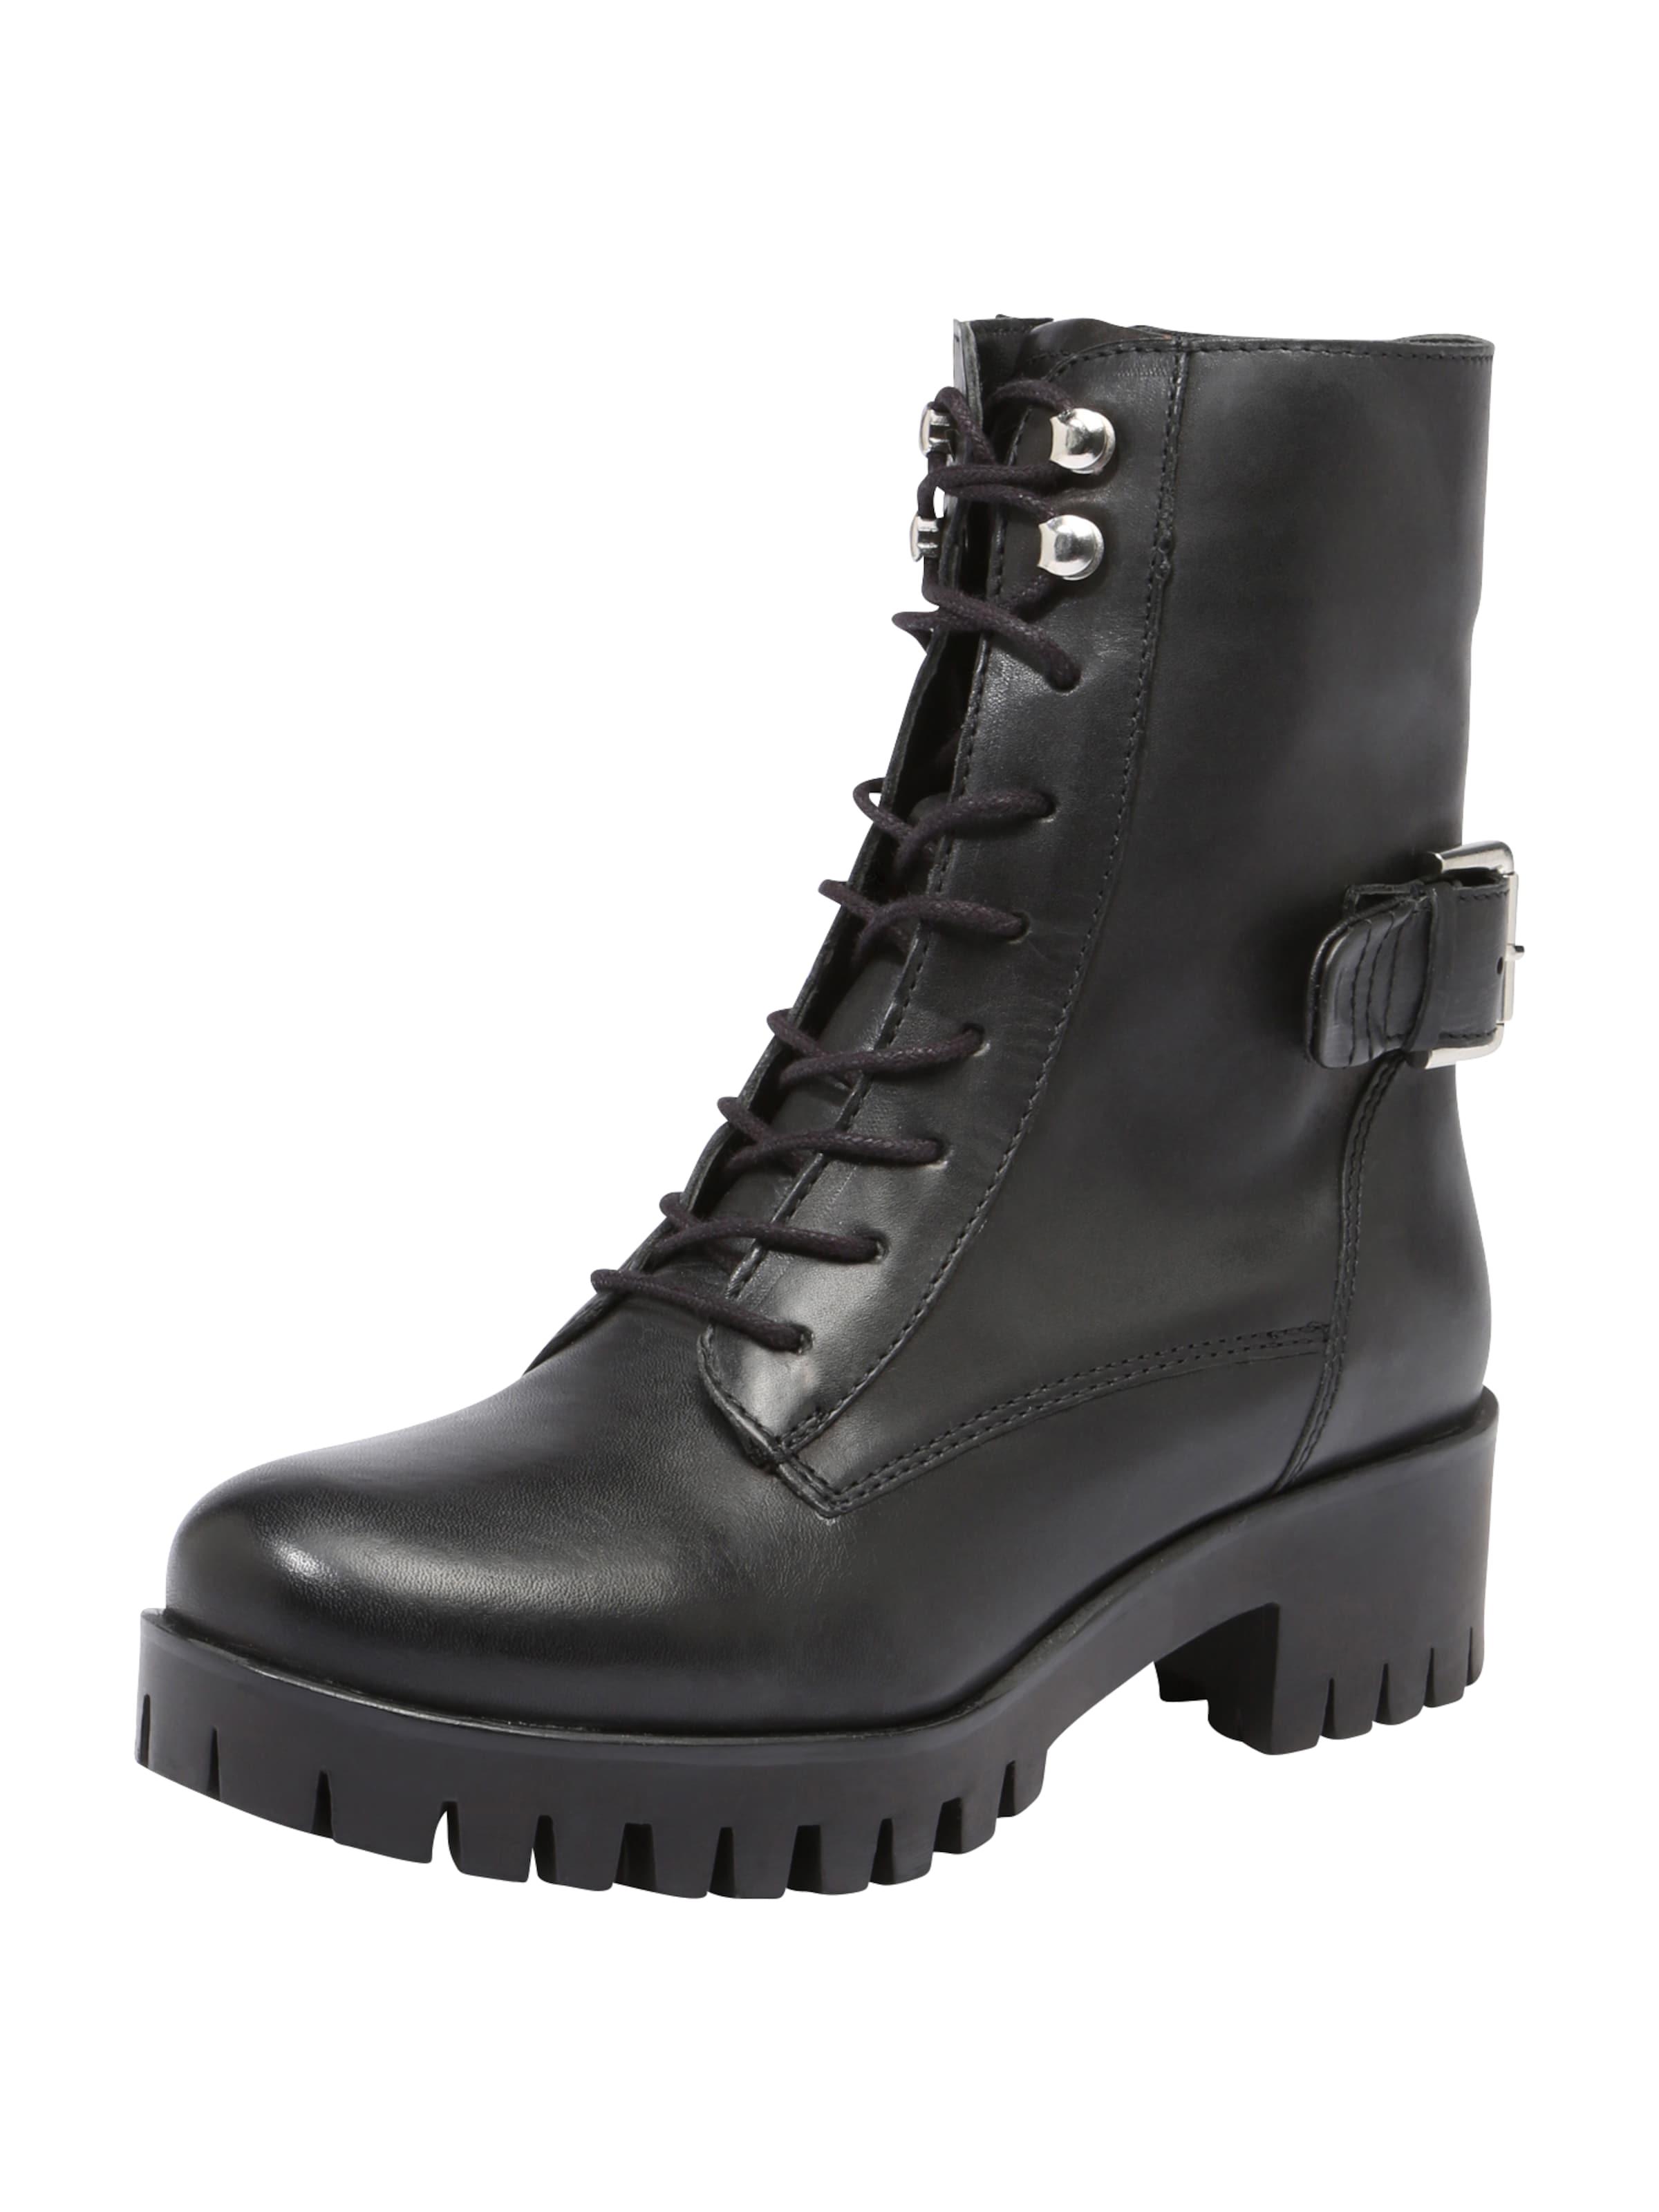 ABOUT YOU Stiefel CLAIRE Verschleißfeste billige Schuhe